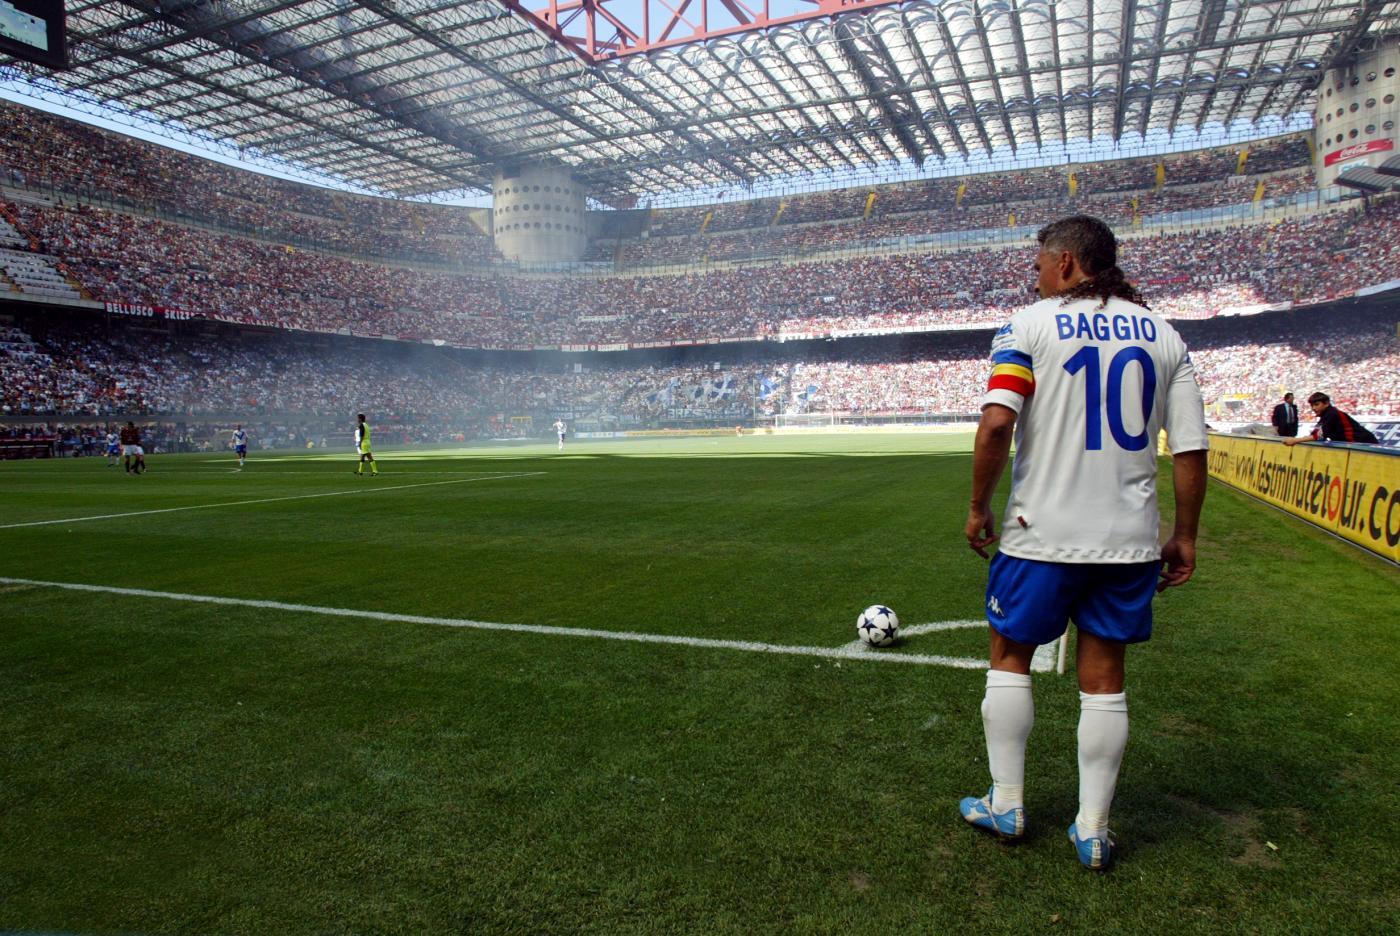 و ایتالیا خدایی دارد؛ بخش پایانی- قهرمان تو، قهرمان من!